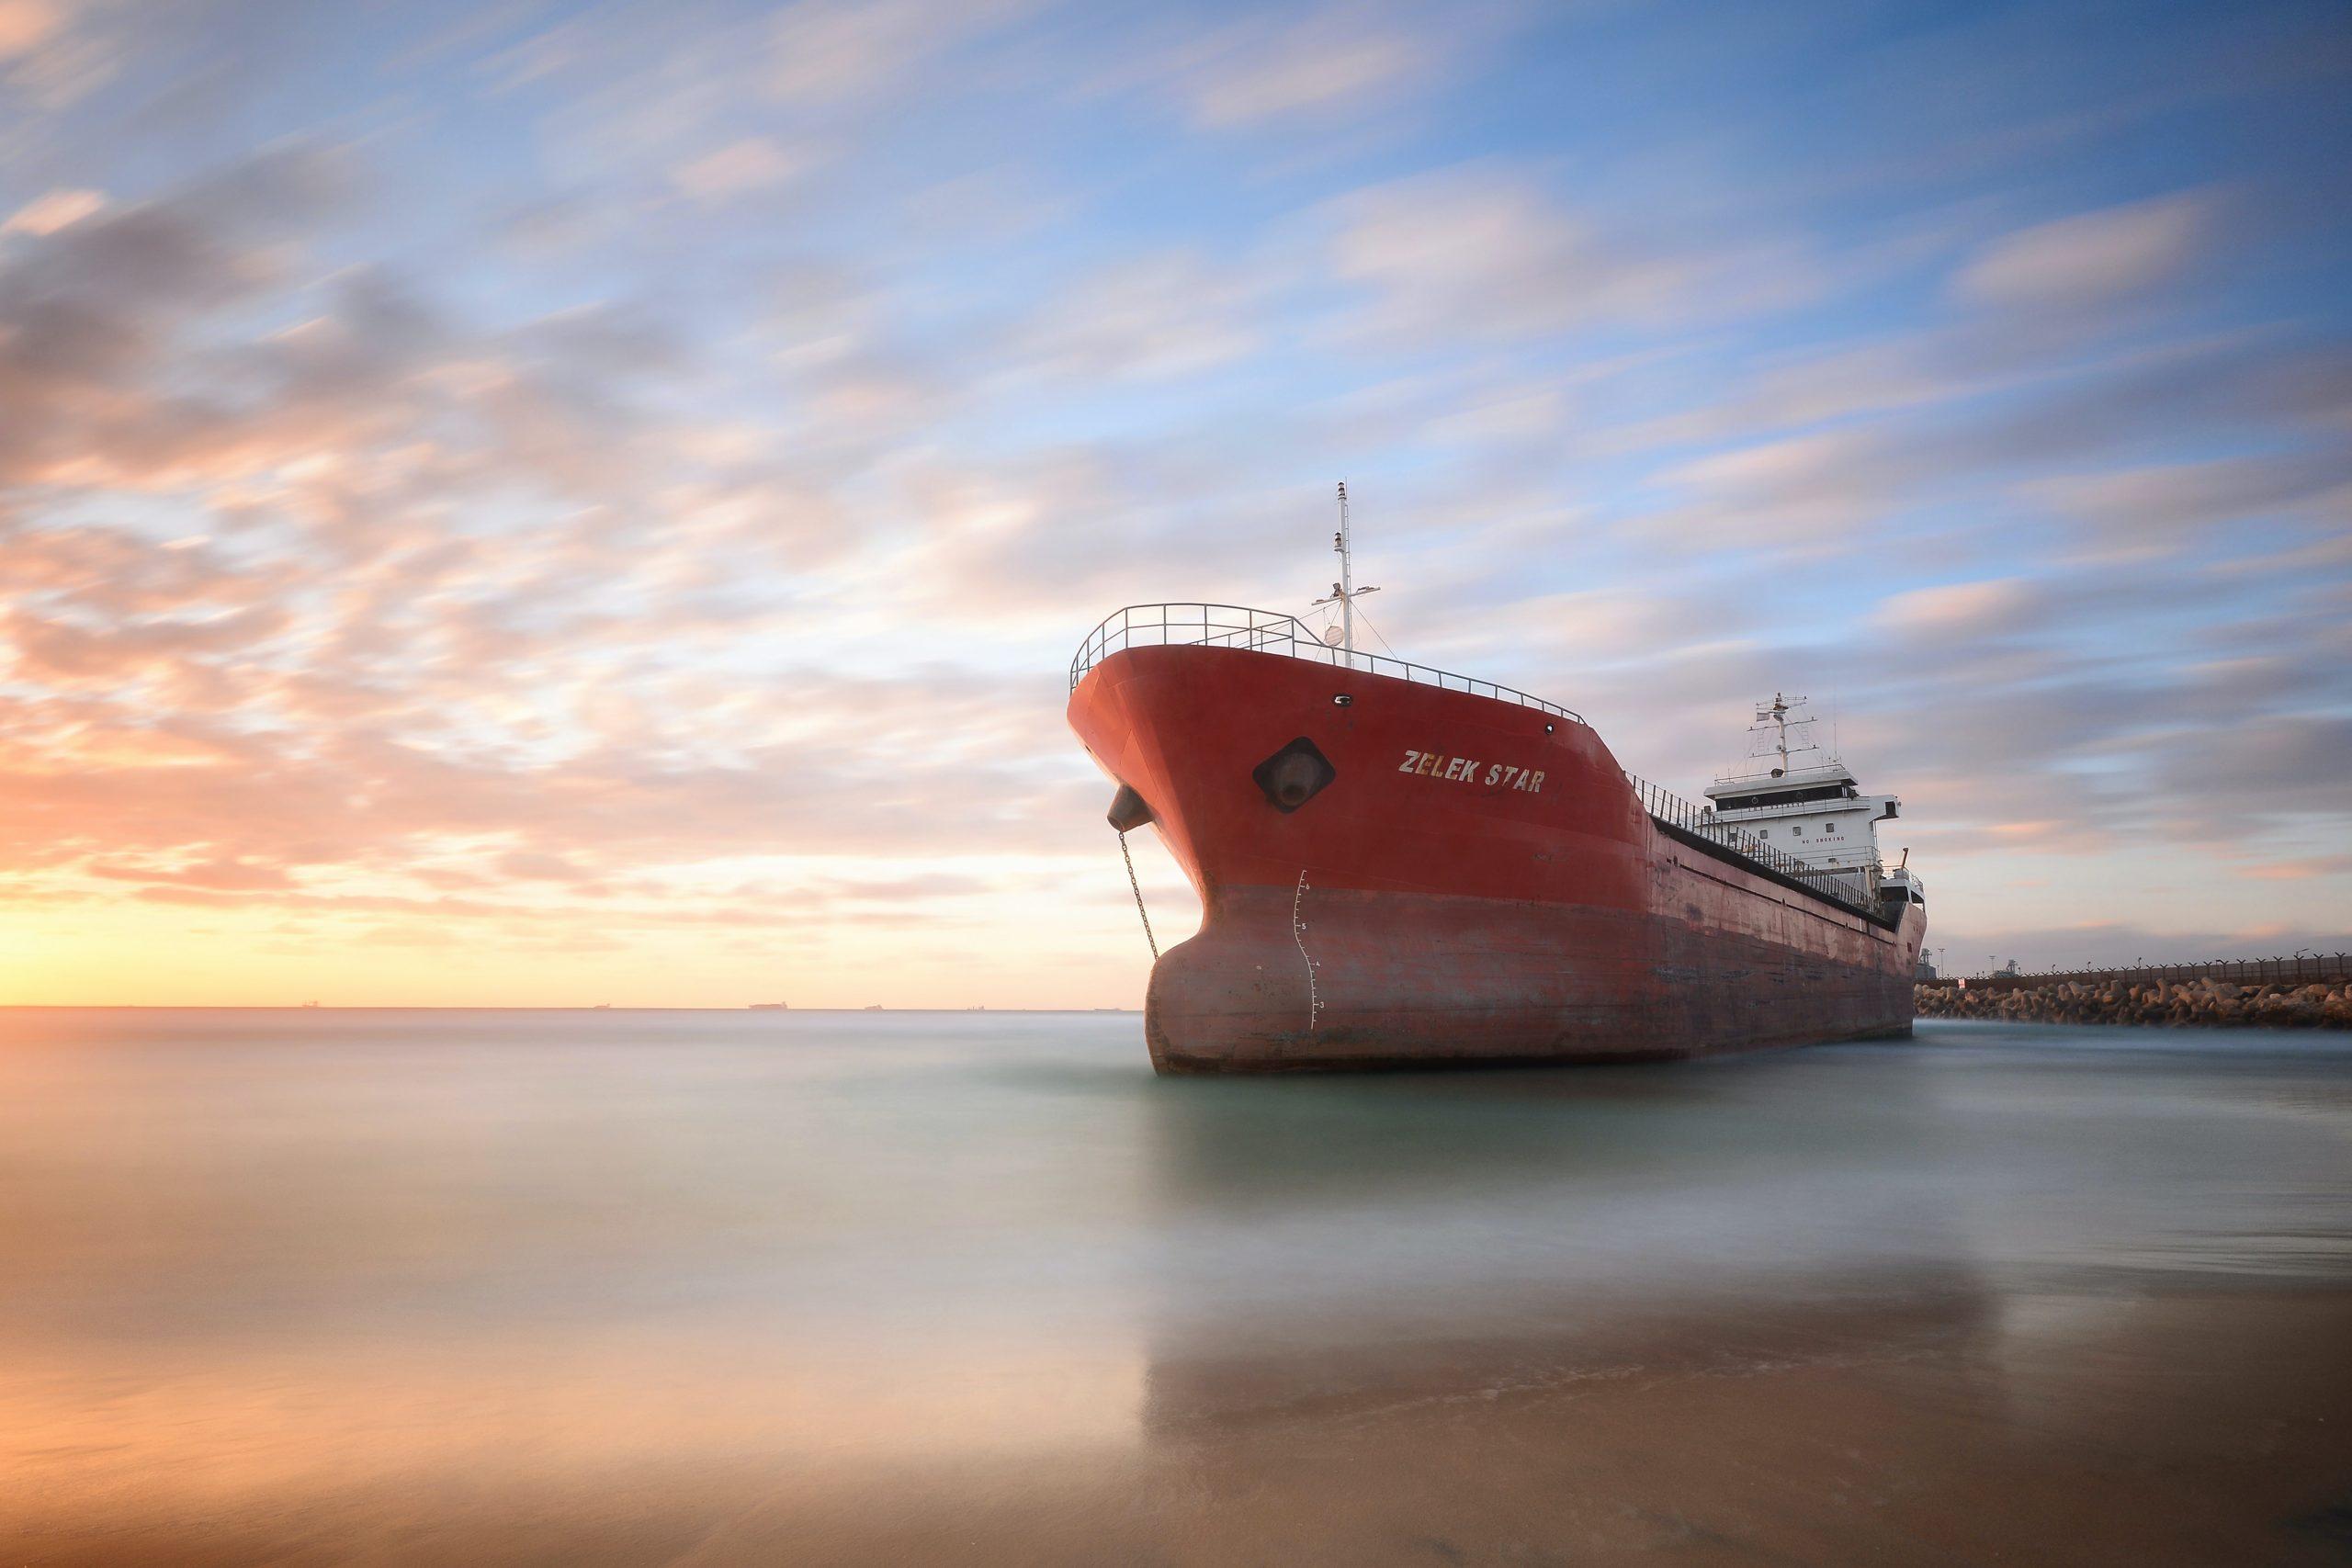 navio na costa representando os abastecidos com combustíveis marítimos